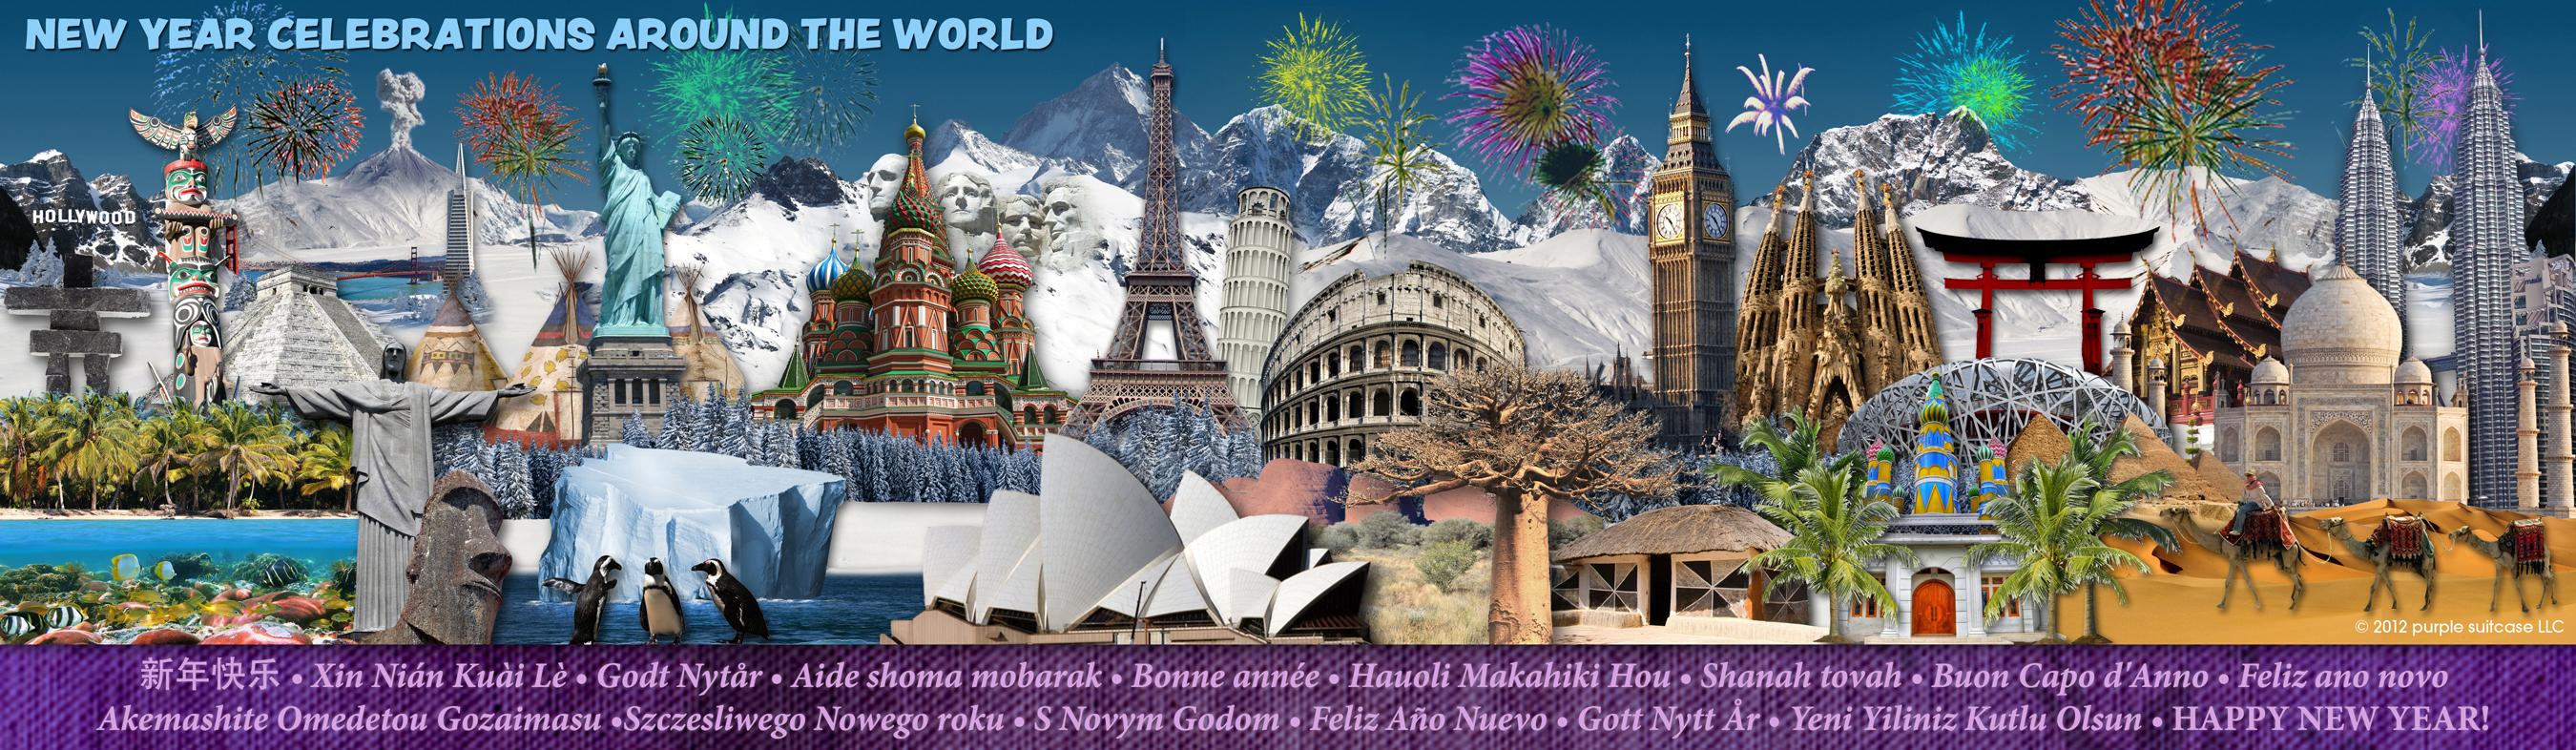 new-years-around-the-world